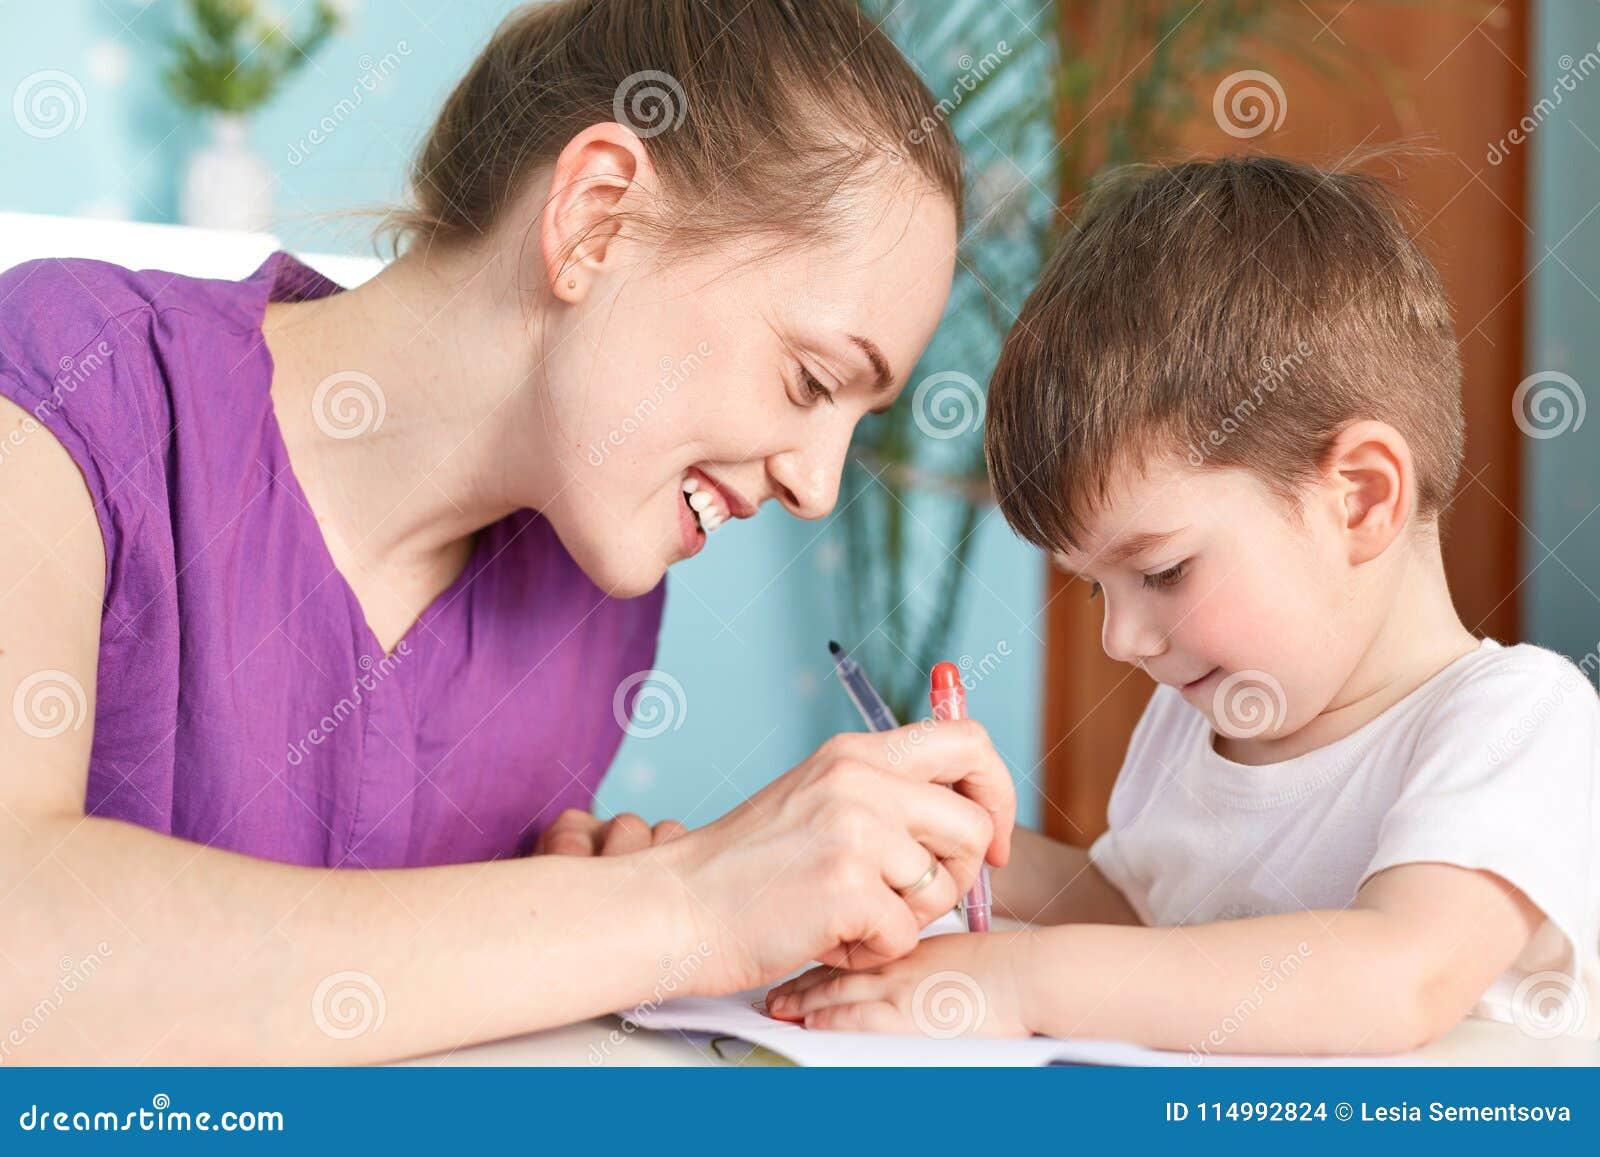 Colpo orizzontale di giovane madre sorridente felice che è felice di passare tempo libero con il suo piccolo figlio, tiraggio qua